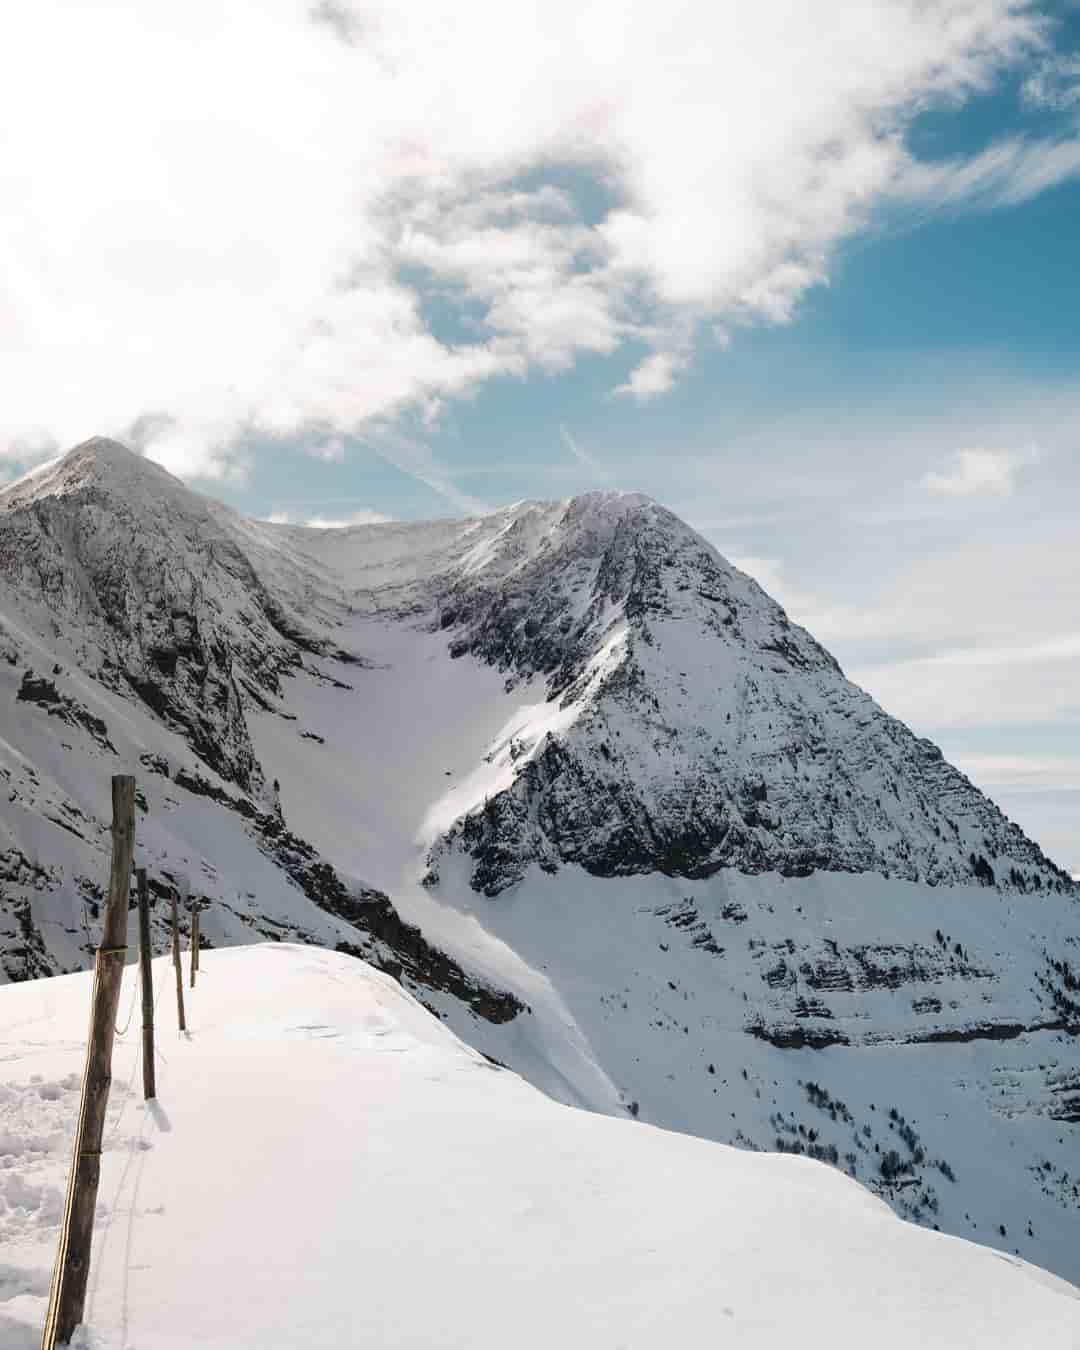 Actividades nocturnas en las pistas de esquí